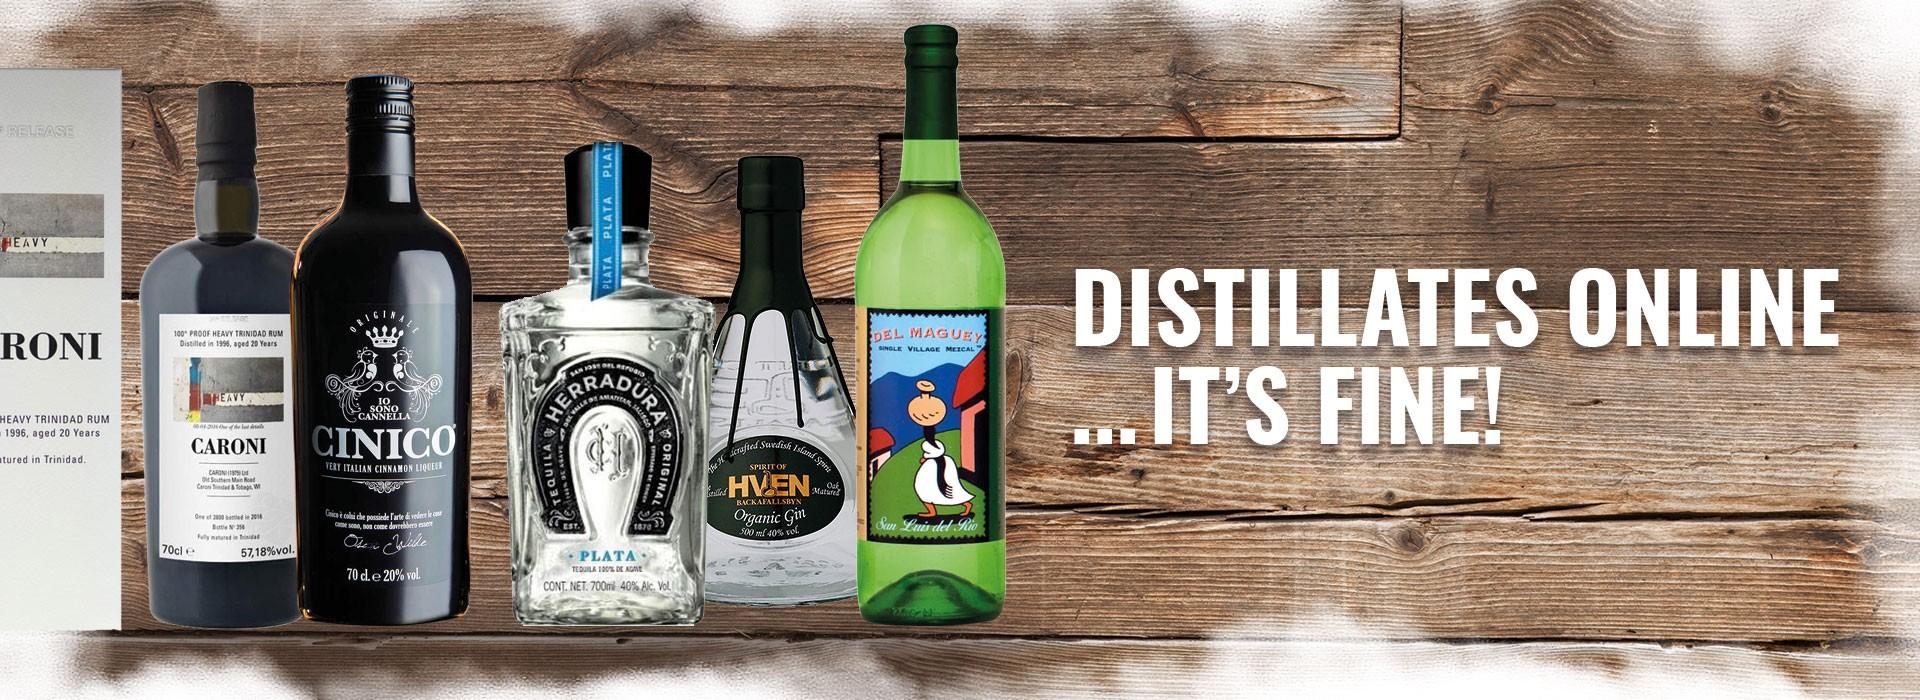 Distillates online... it's fine!